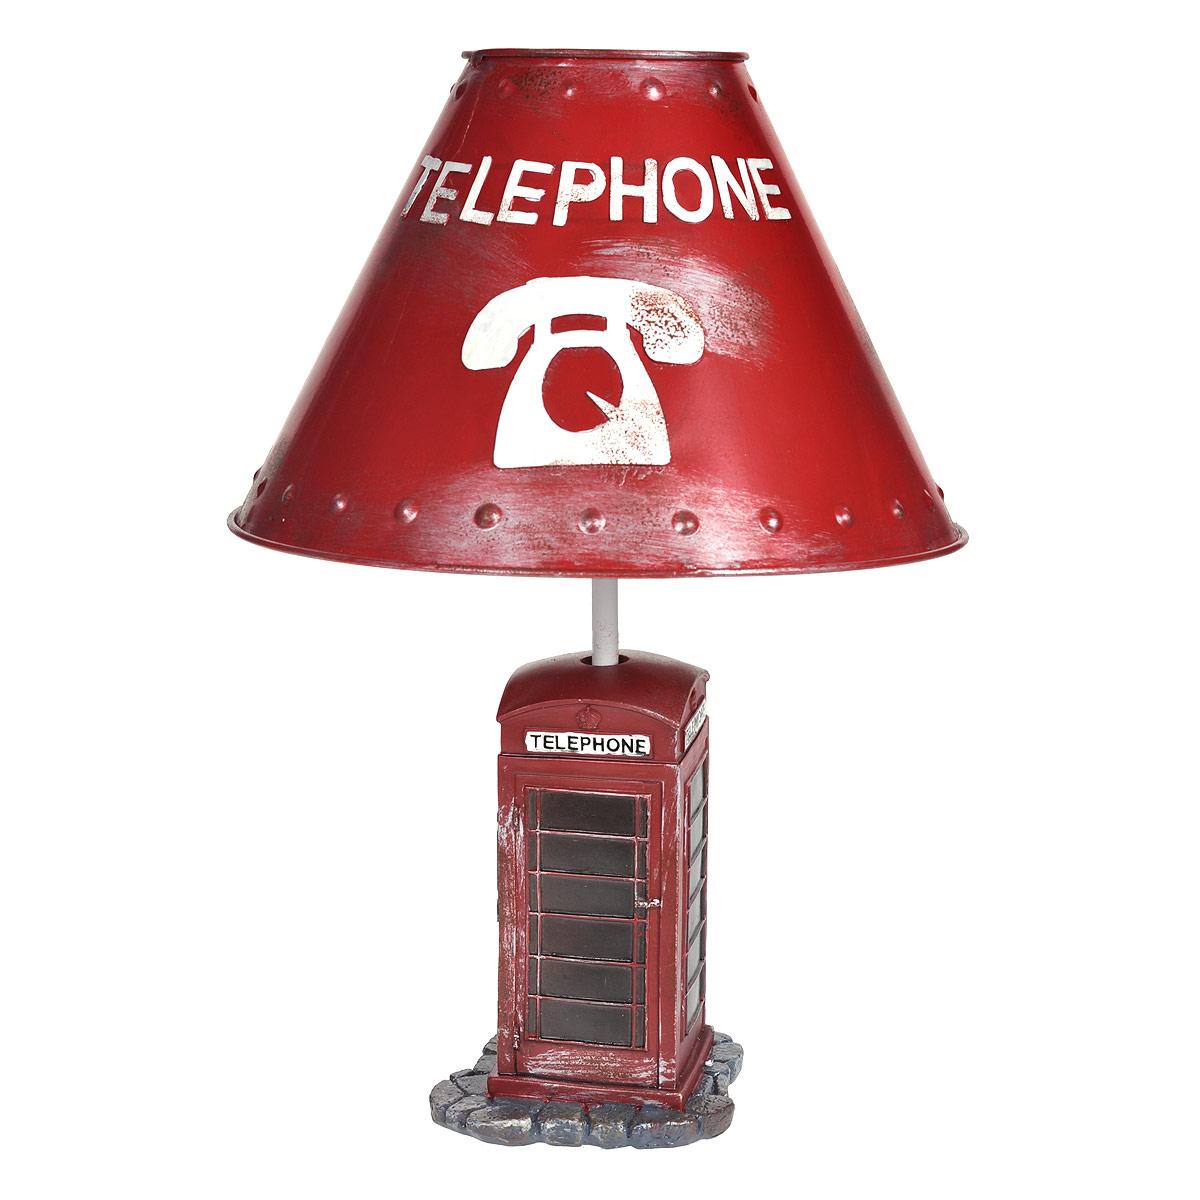 Светильник настольный Телефонная будка. 2933829338Настольный светильник, изготовленный из полирезины, выполнен в виде красной телефонной будки и оформлен металлическим абажуром красного цвета. Такой светильник прекрасно подойдет для украшения интерьера и создания атмосферы тепла и уюта. Внутри светильника расположена лампа накаливания. Светильник работает от электросети и включается при помощи кнопки на шнуре.